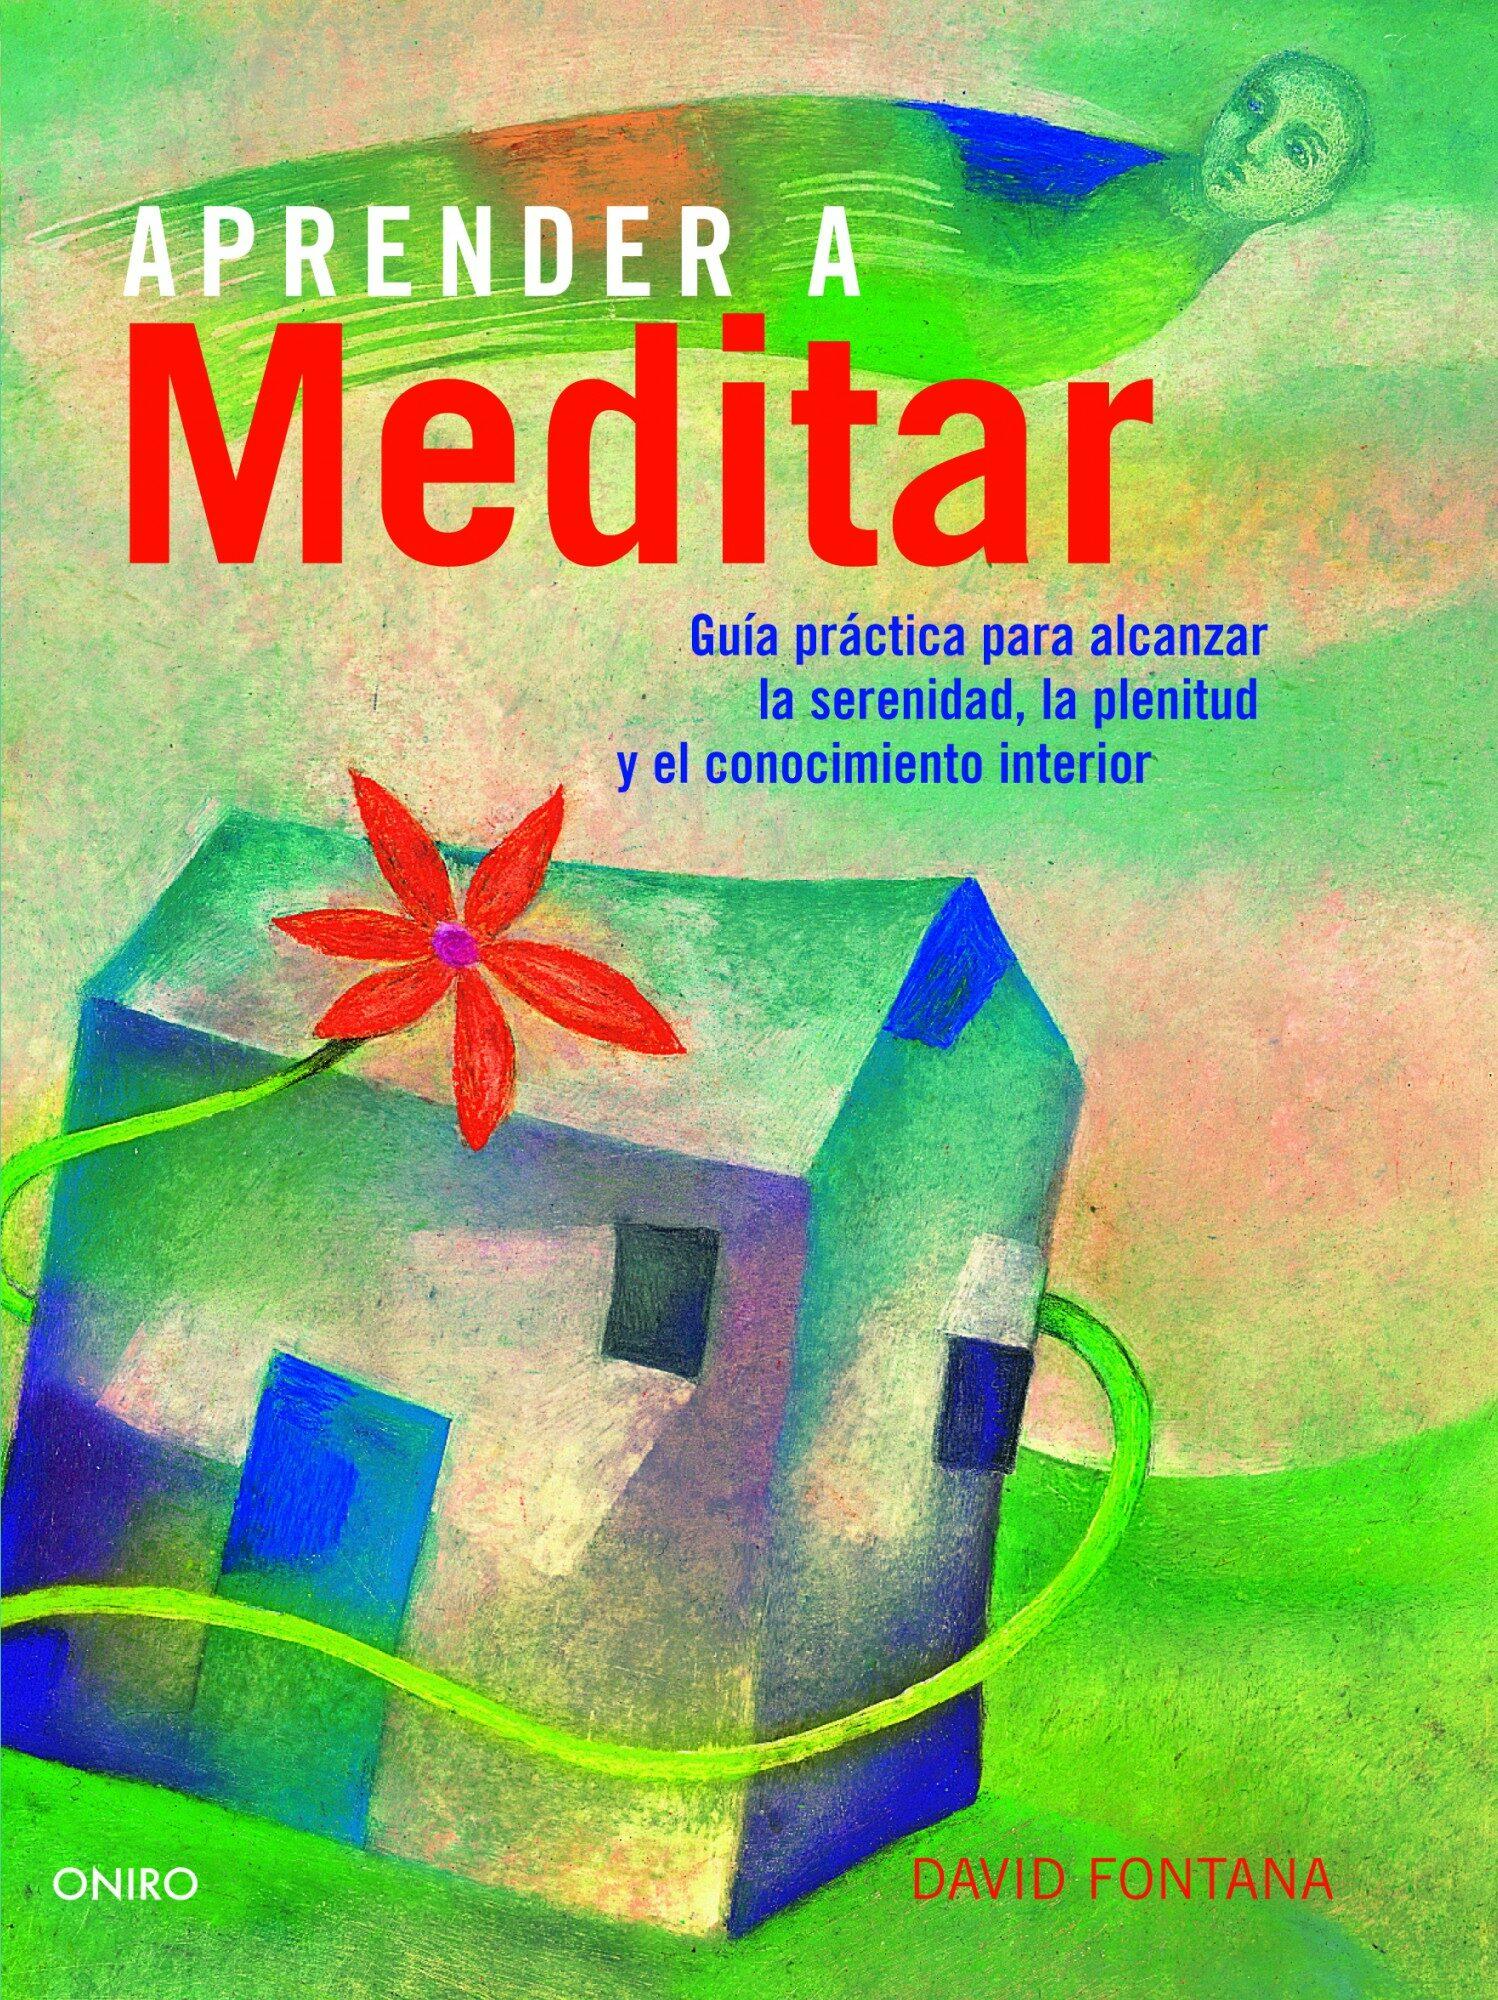 aprende a meditar: guia practica para alcanzar la serenidad, la p lenitud y el conocimiento interior-david fontana-9788497545037